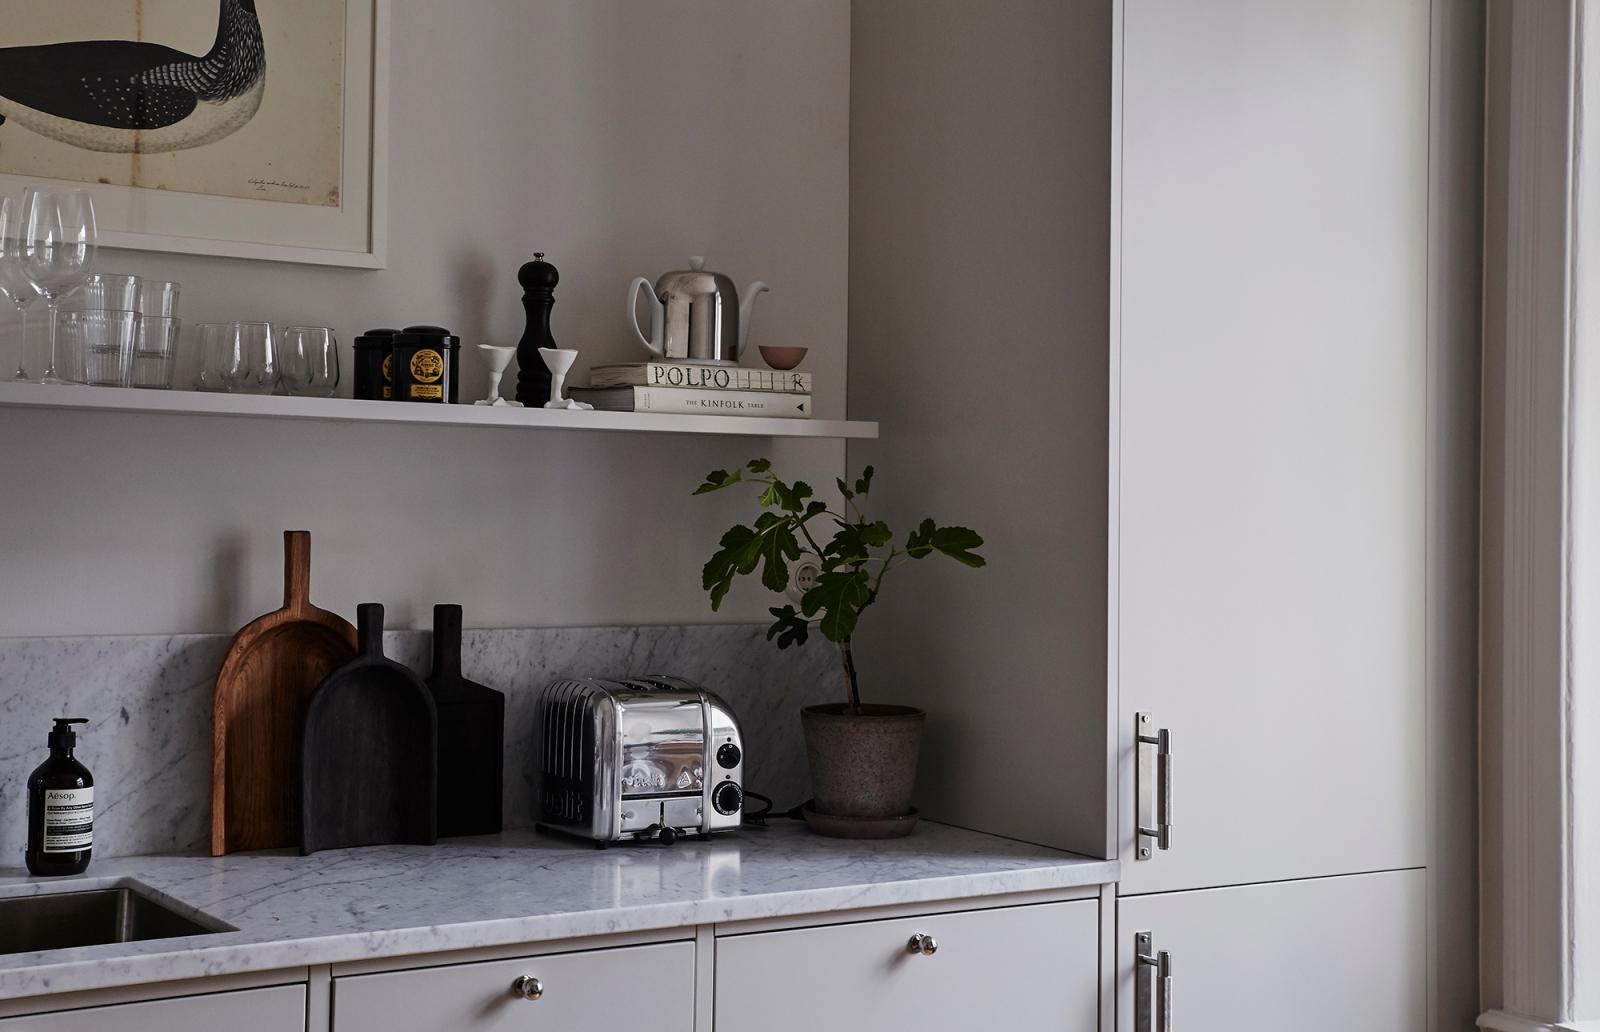 Original toaster - Dualit, Helena pot - Bergs potter